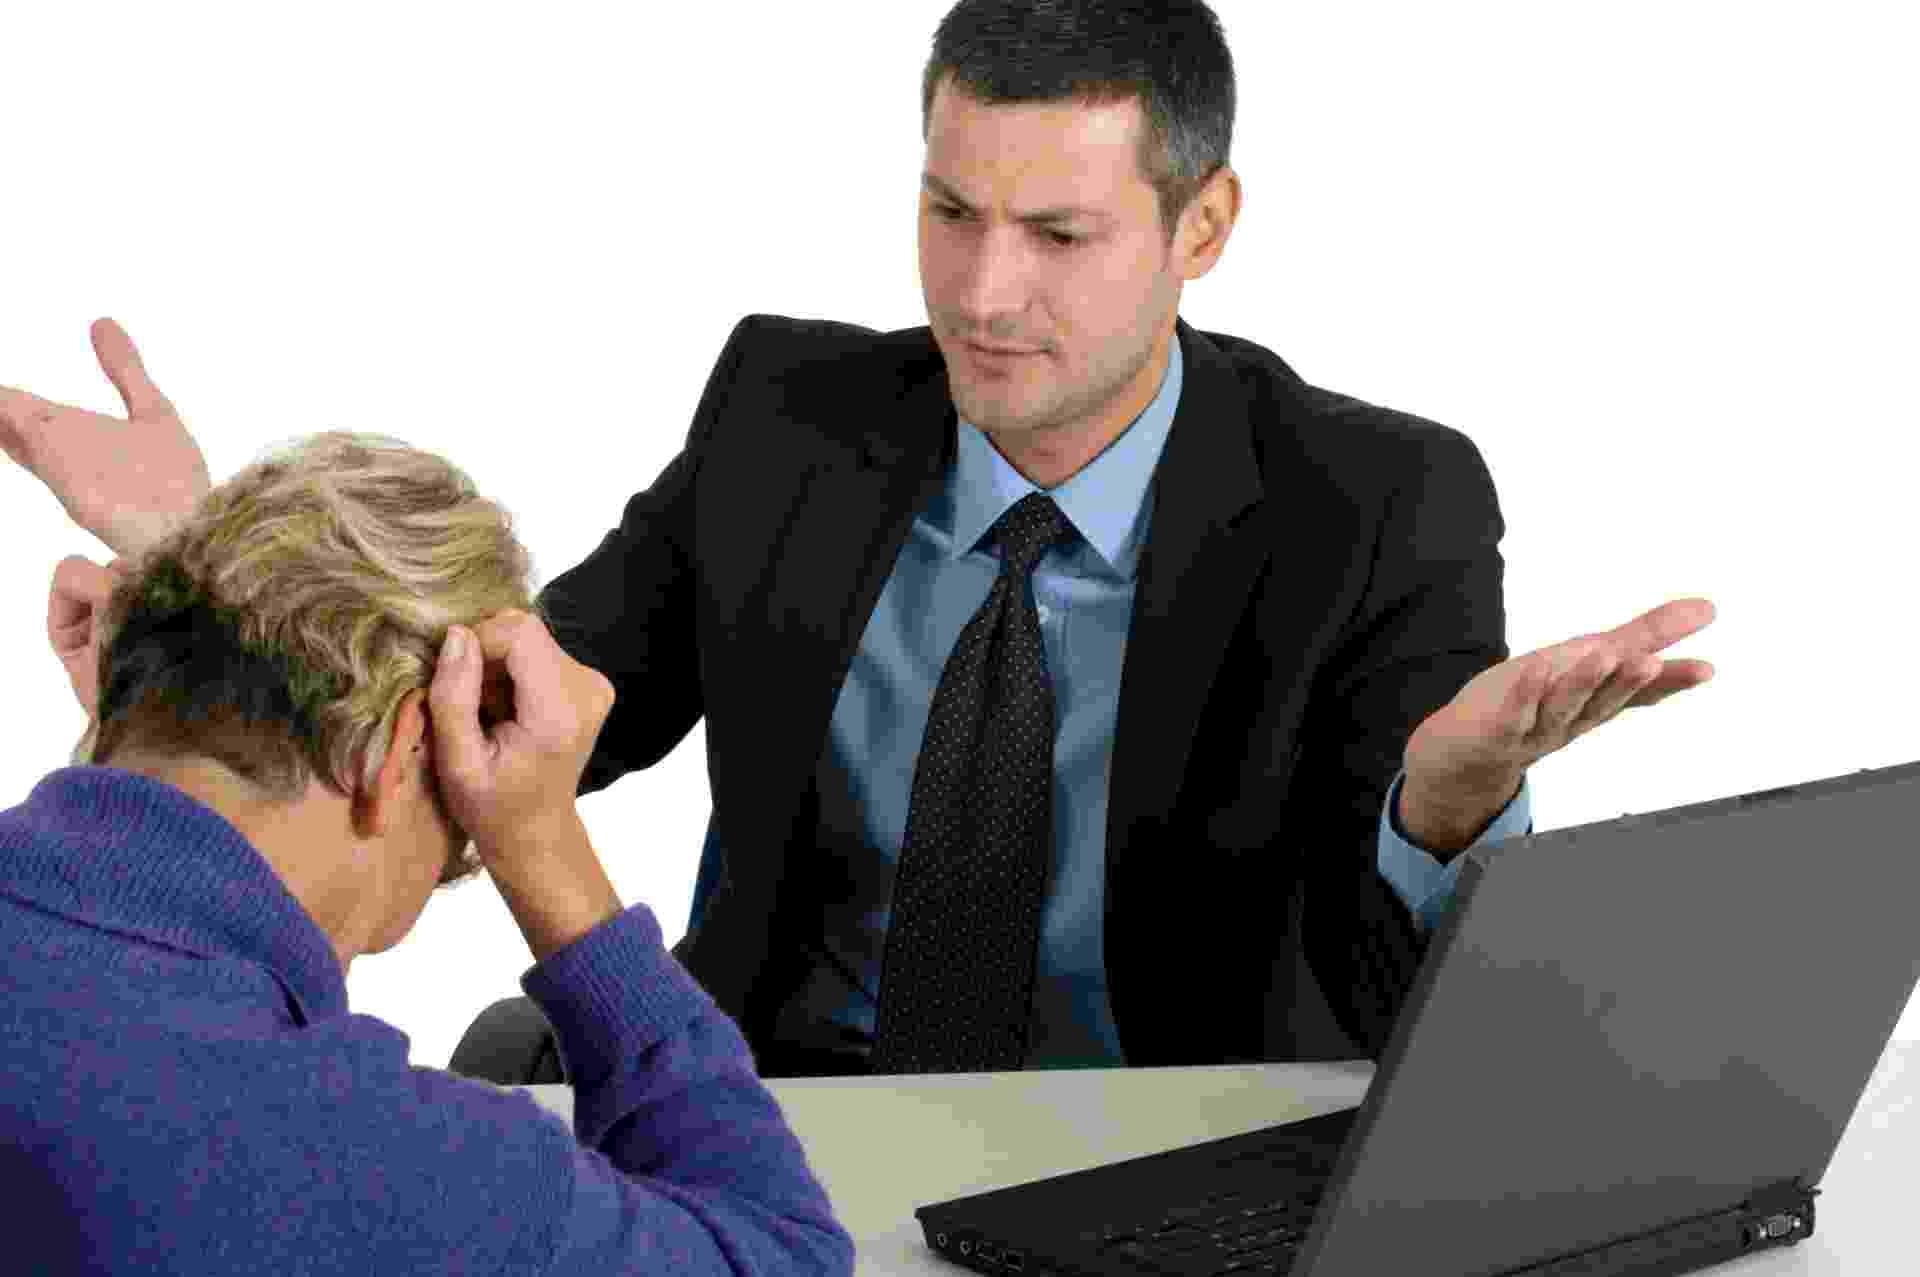 Que o próprio chefe está te maltratando: Para Liamar, antes de questionar essa situação com seu superior, é preciso observar e entender se isso só acontece com você, pois na maioria dos casos, quando o chefe é ruim com um, é ruim com todos.  ?Coloque foco no trabalho e saiba lidar com rejeição. Aprenda com o exemplo dele, a como não agir com seus colaboradores. Busque reforçar sua autoestima e confiança antes de iniciar essa conversa - Getty Images